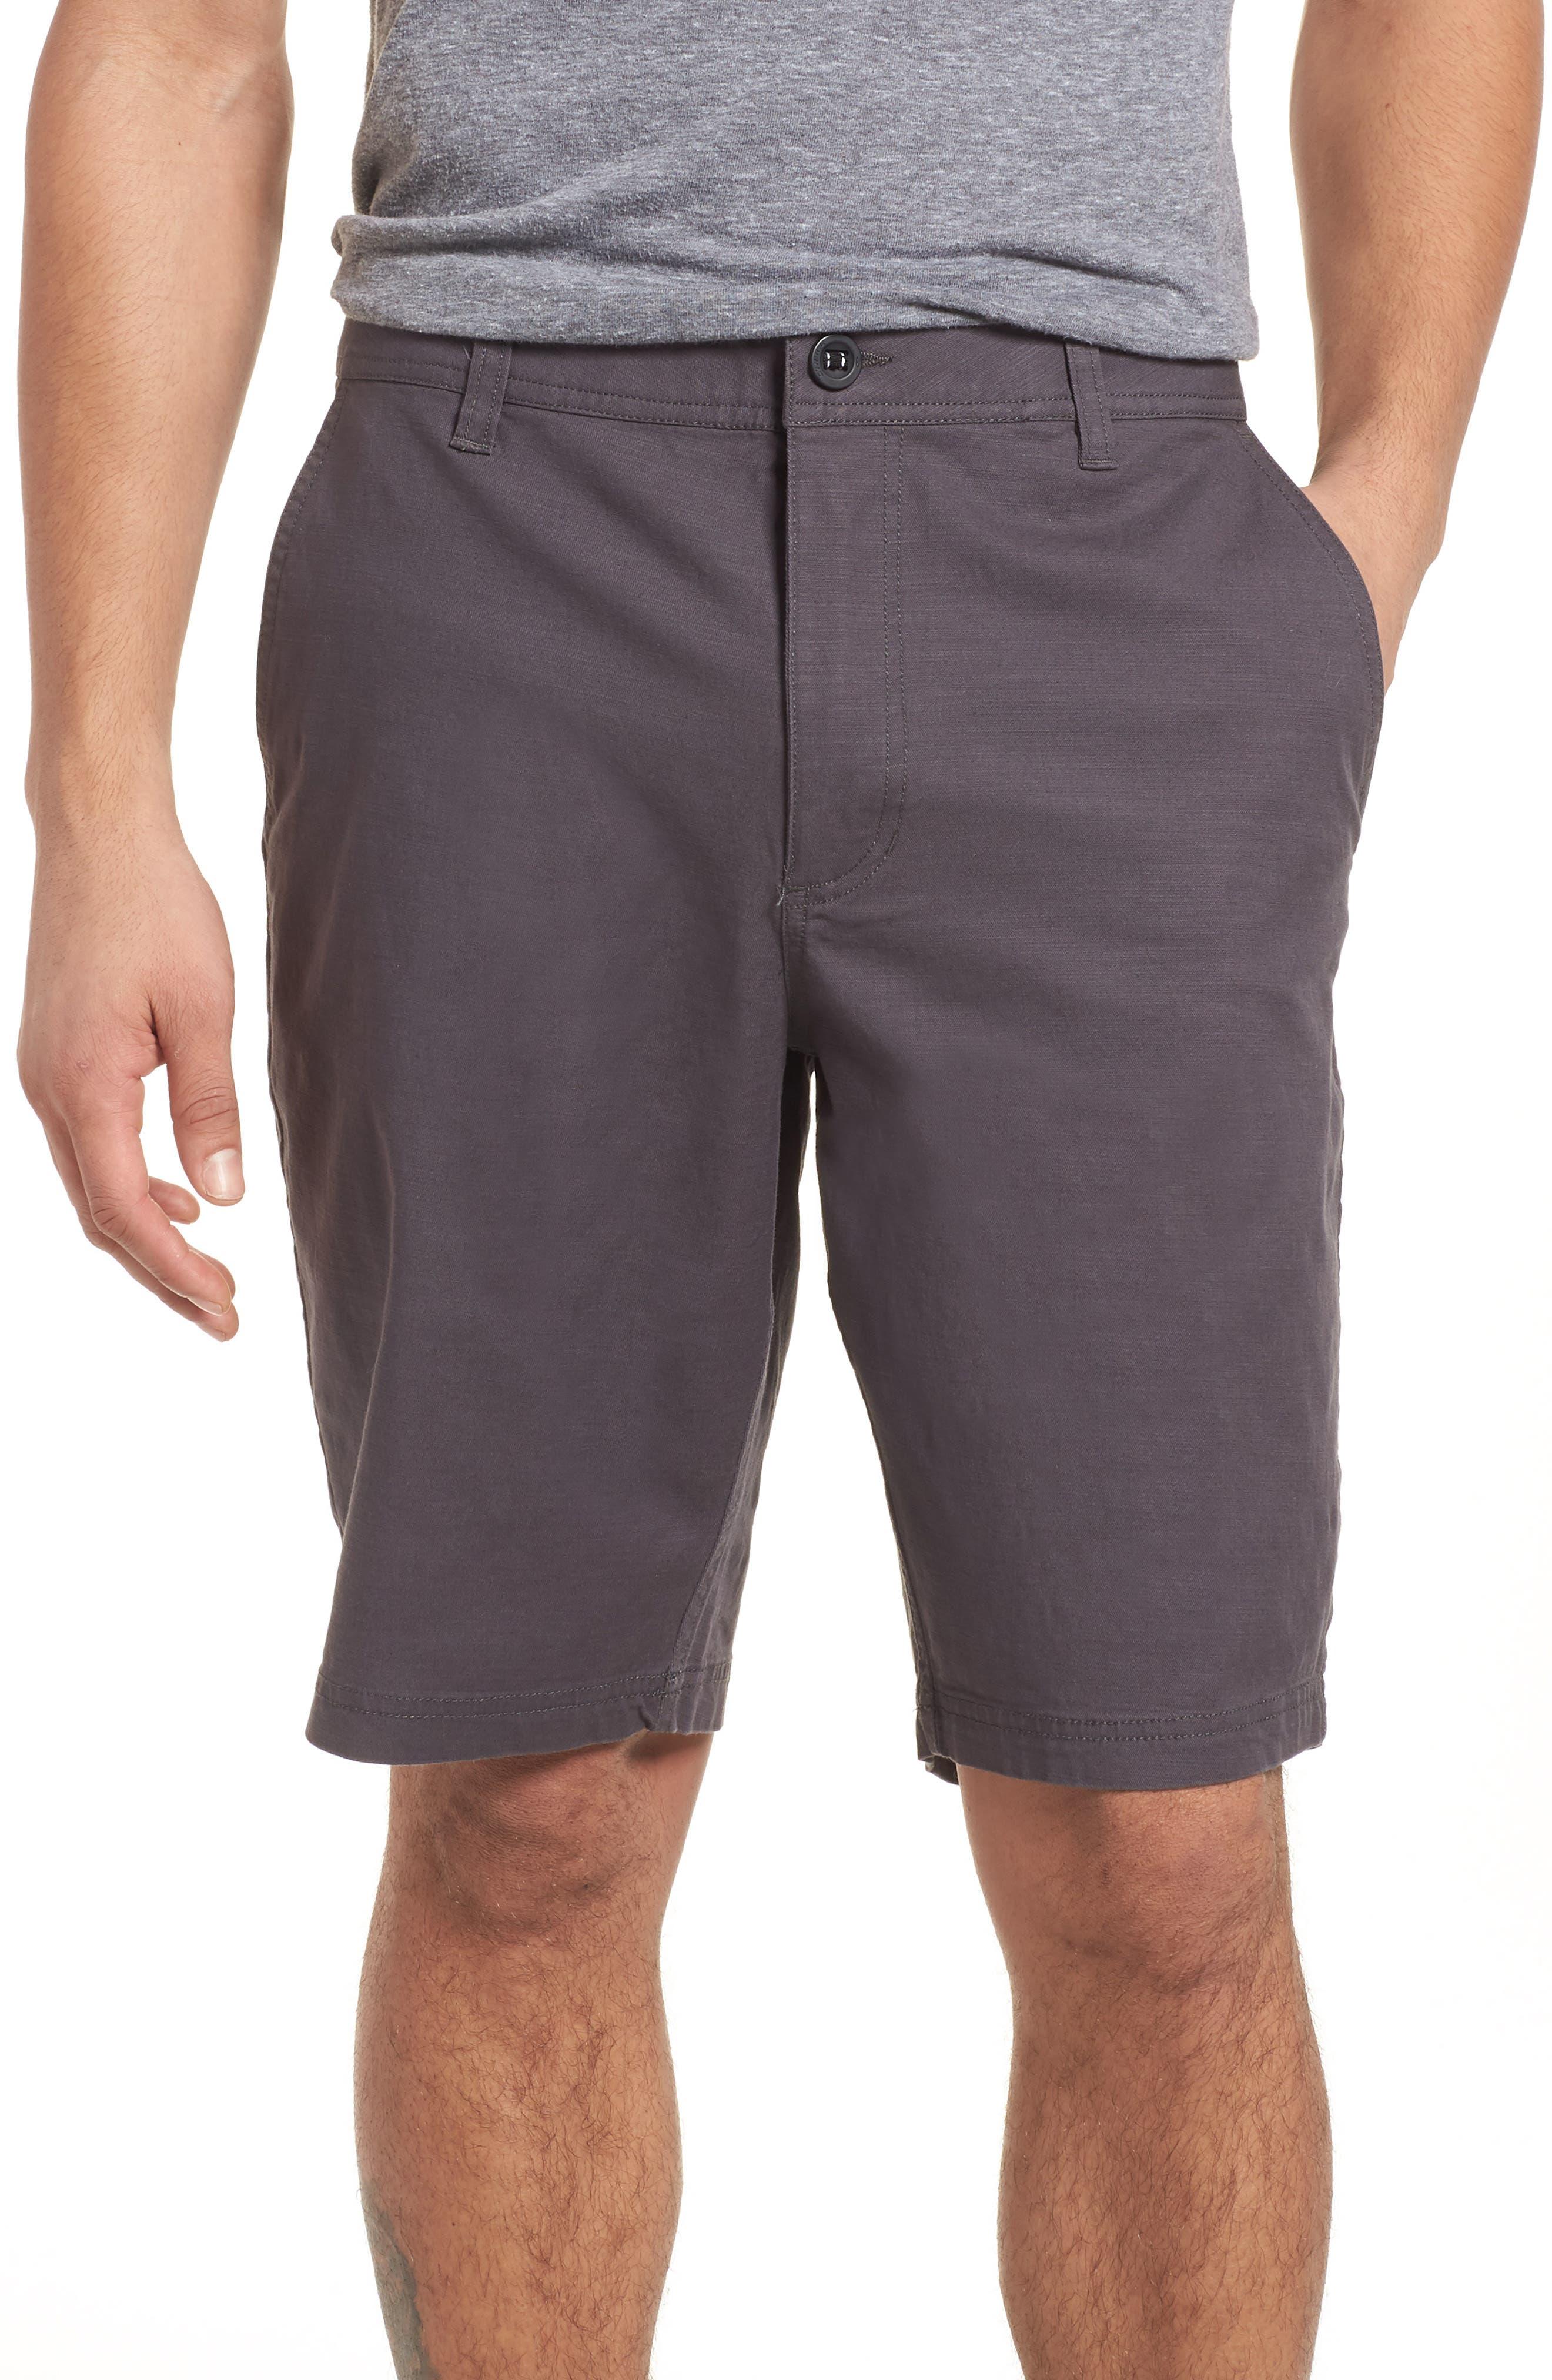 Jay Stretch Chino Shorts,                             Main thumbnail 3, color,